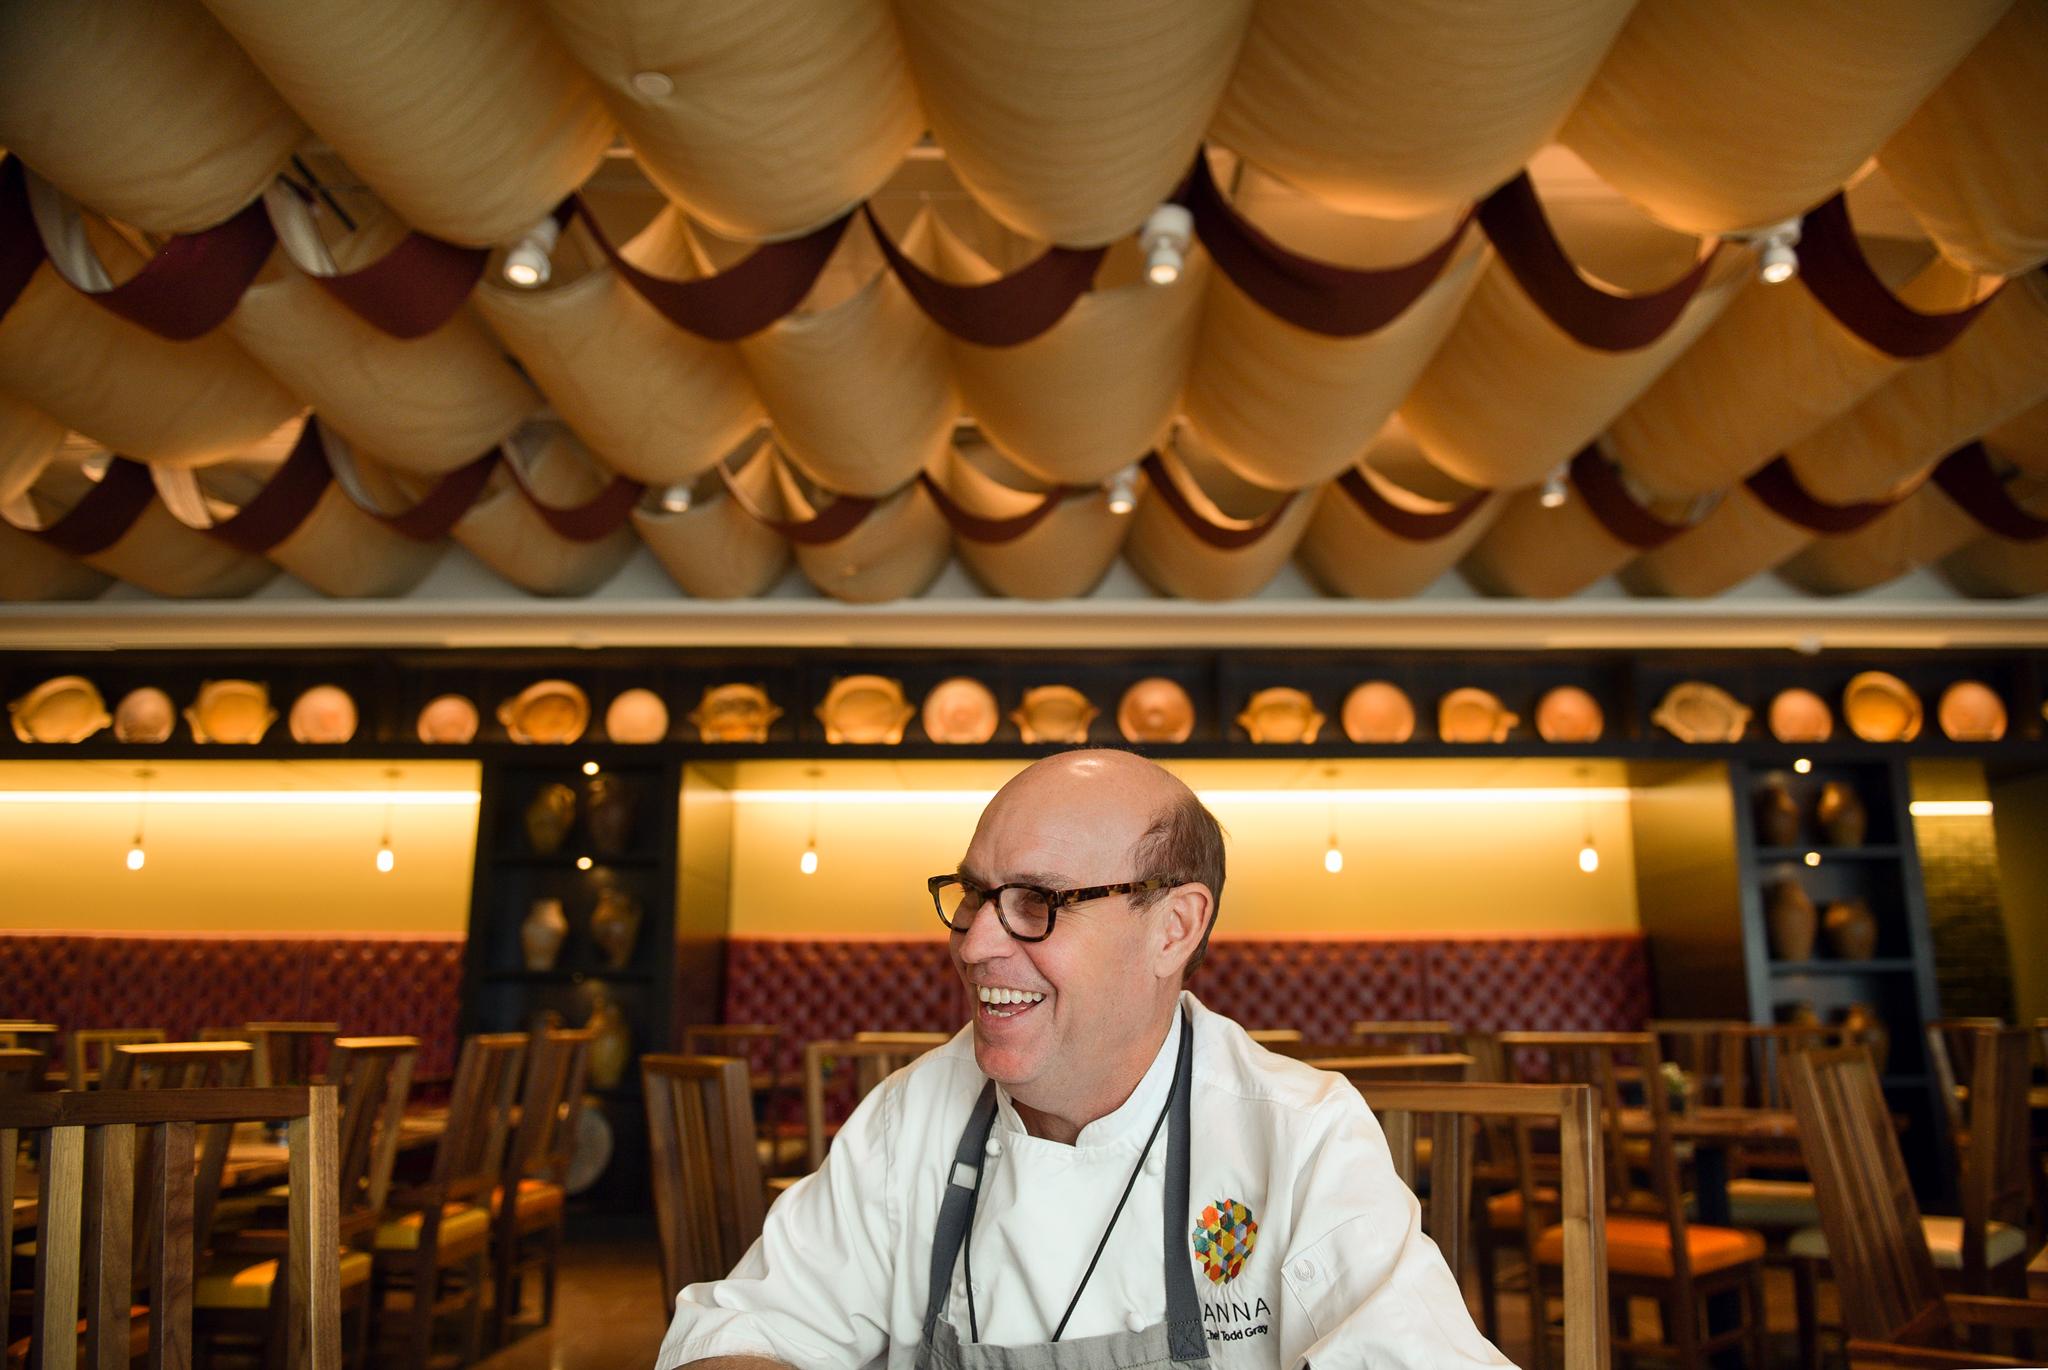 Smiling man sitting in restaurant (© Carol Guzy)